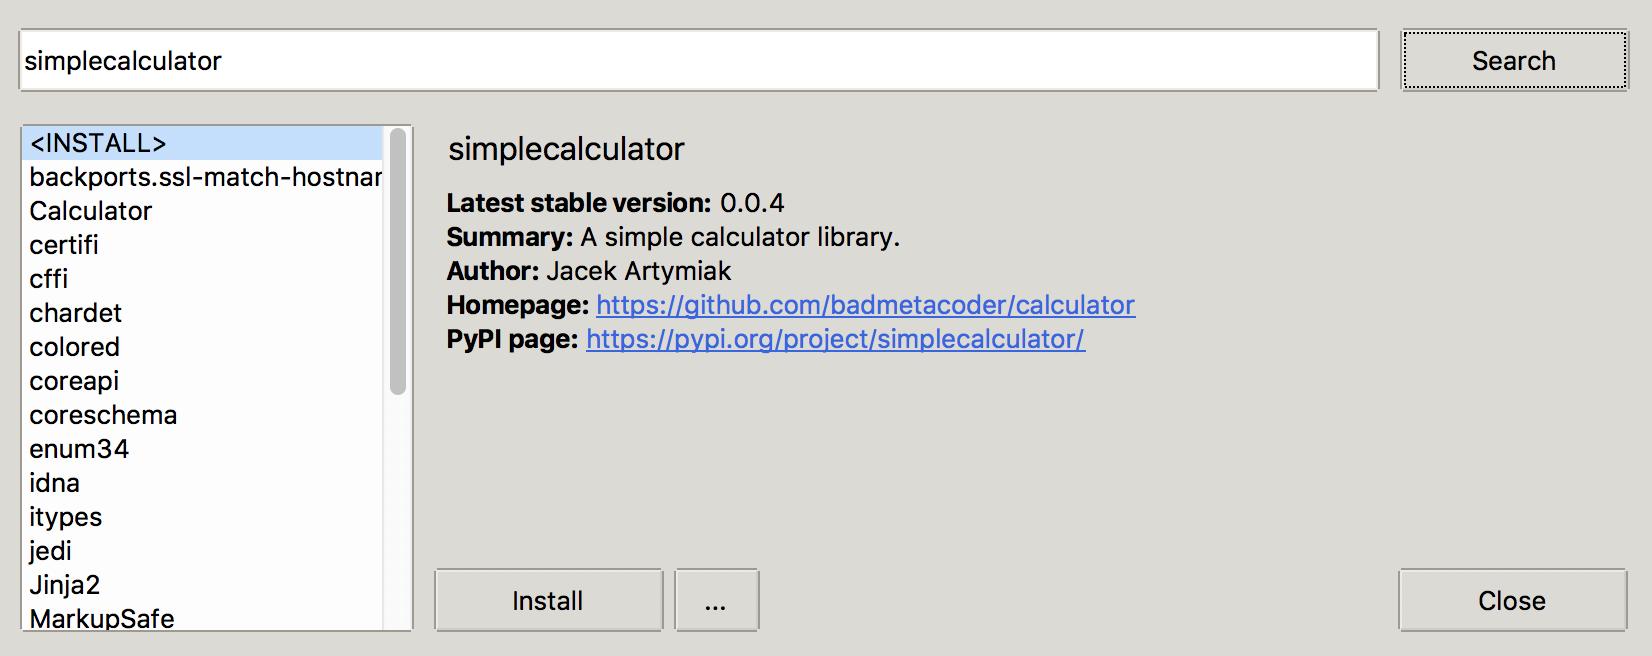 已安装的simplecalculator软件包